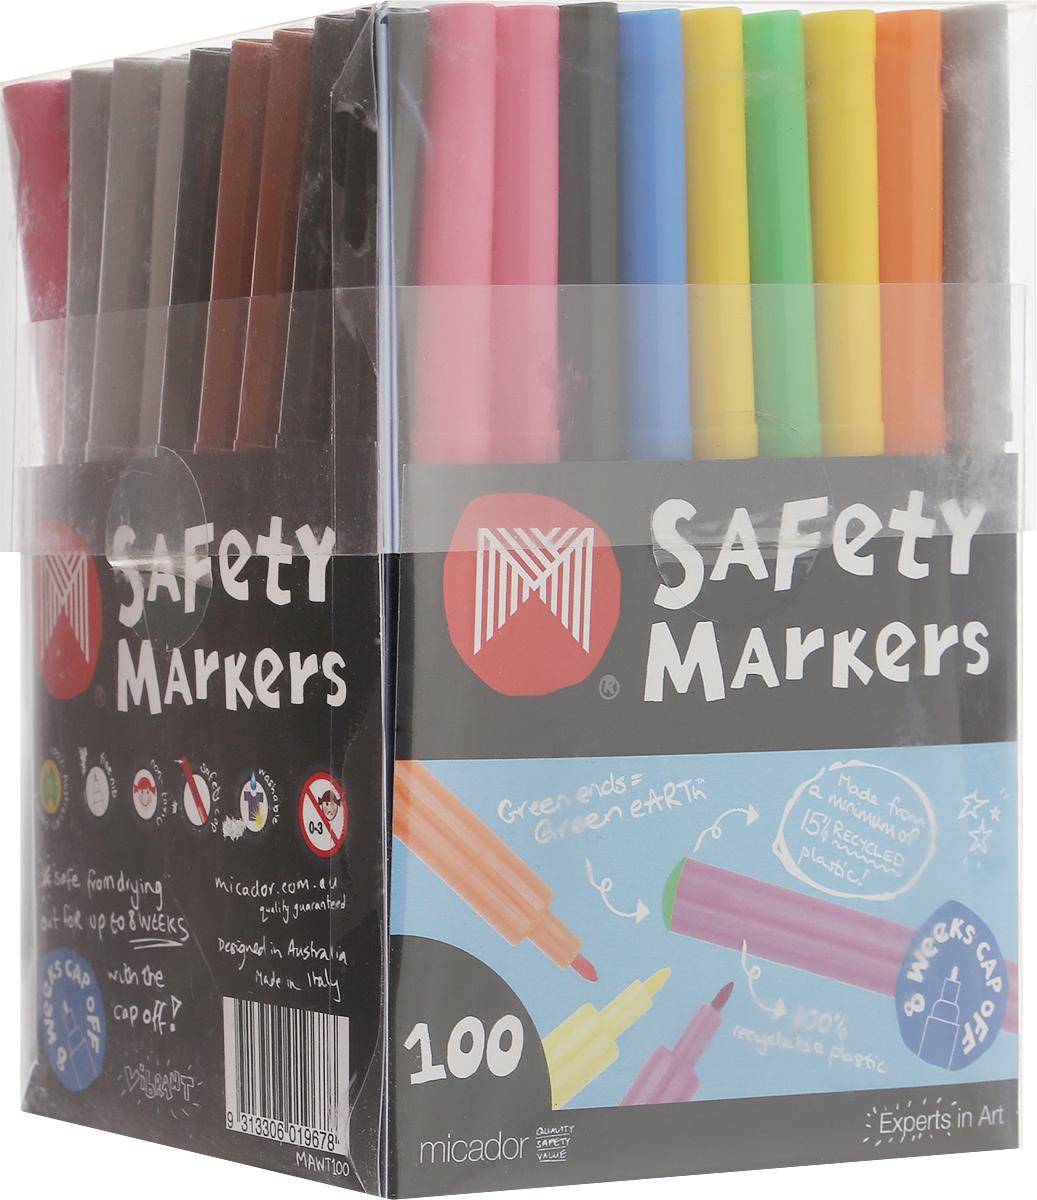 Micador Фломастеры 100 шт72523WDФломастеры Micador классических цветов на водной основе оценят не только маленькие художники, но их родители.Фломастеры не содержат спирта, растворителей и токсичных компонентов, поэтому полностью безопасны для маленьких детей. Фломастеры имеют яркие насыщенные цвета, чернила не расплываются на бумаге, что позволяет делать четкие линии. Изготовлены по запатентованной технологии Easy Wash. Отлично смываются как с кожи, так и с других поверхностей (ткани, мебели), что обязательно оценят родители. Фломастеры долговечные они не высыхают с открытым колпачком до 8 недель, при необходимости легко заправляются водой, а это значит, вам не придется покупать все новые и новые фломастеры долгое время.Рисование развивает творческие способности, воображение, логику, память, мышление.Австралийский бренд Micador - эксперт в товарах для детского творчества с 1954 года.